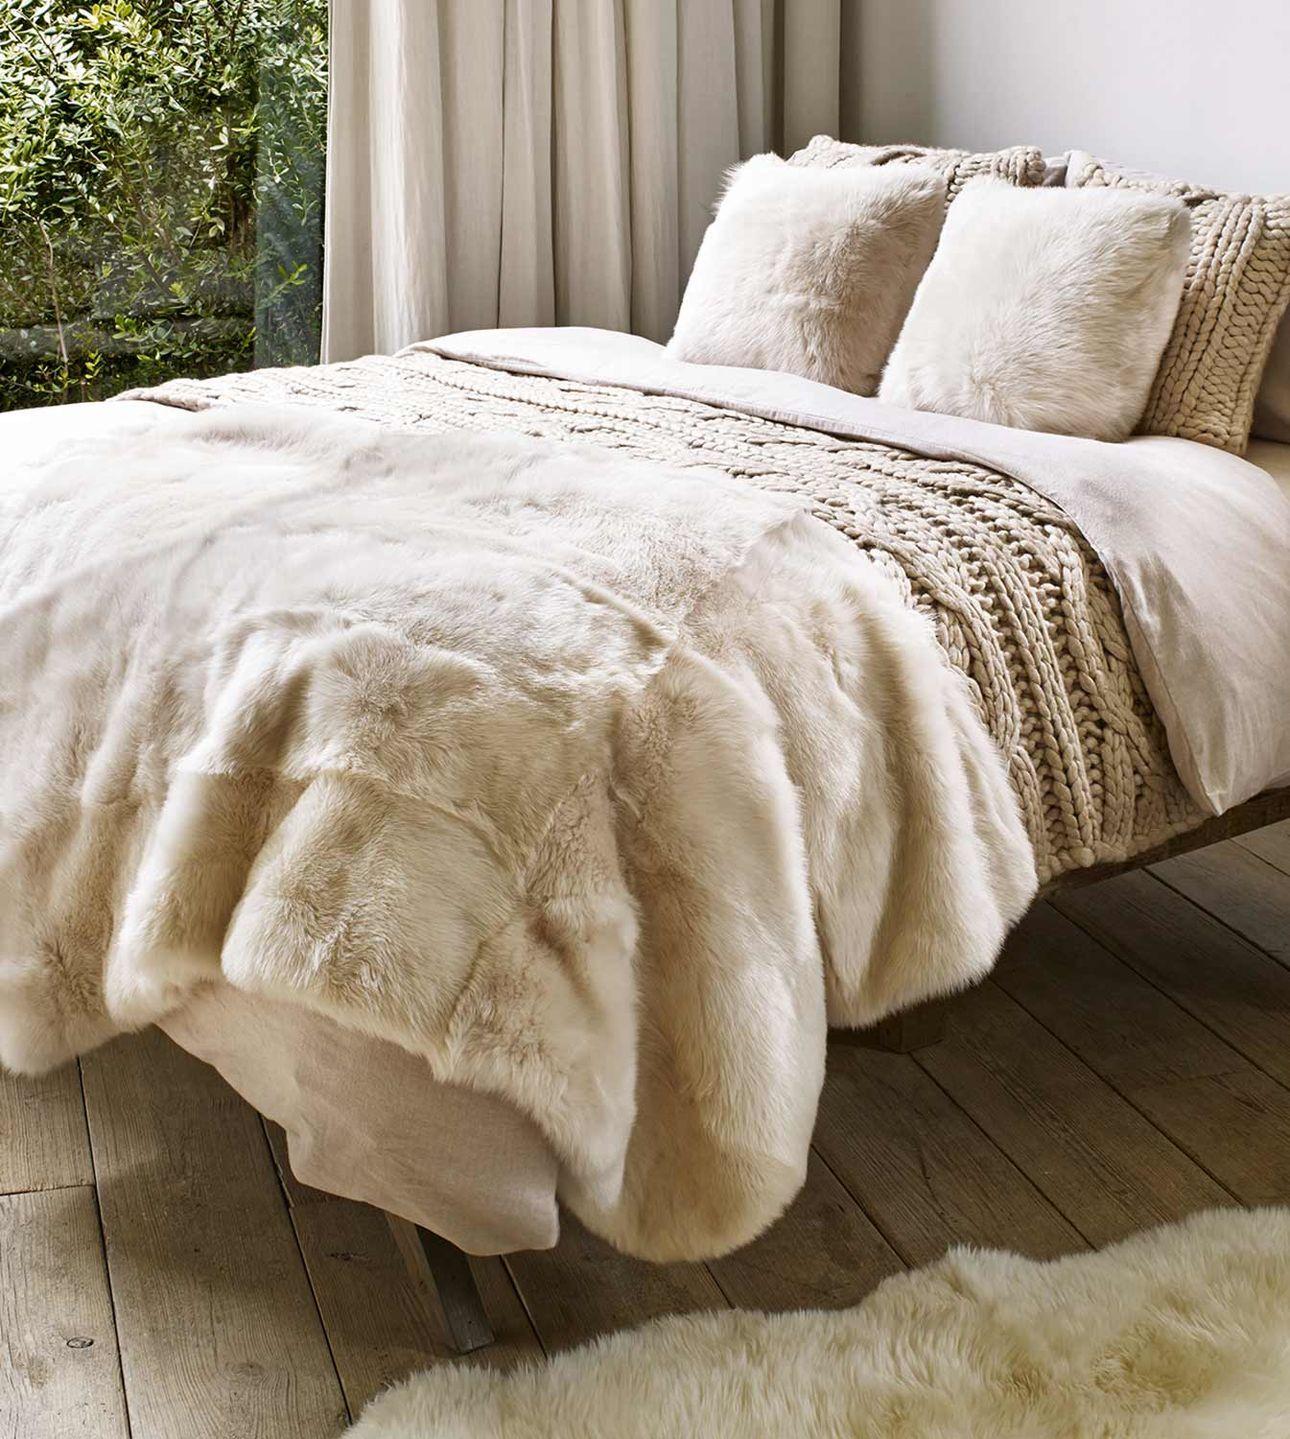 Toscana Bed Blanket Ugg (US) Decor inspiration